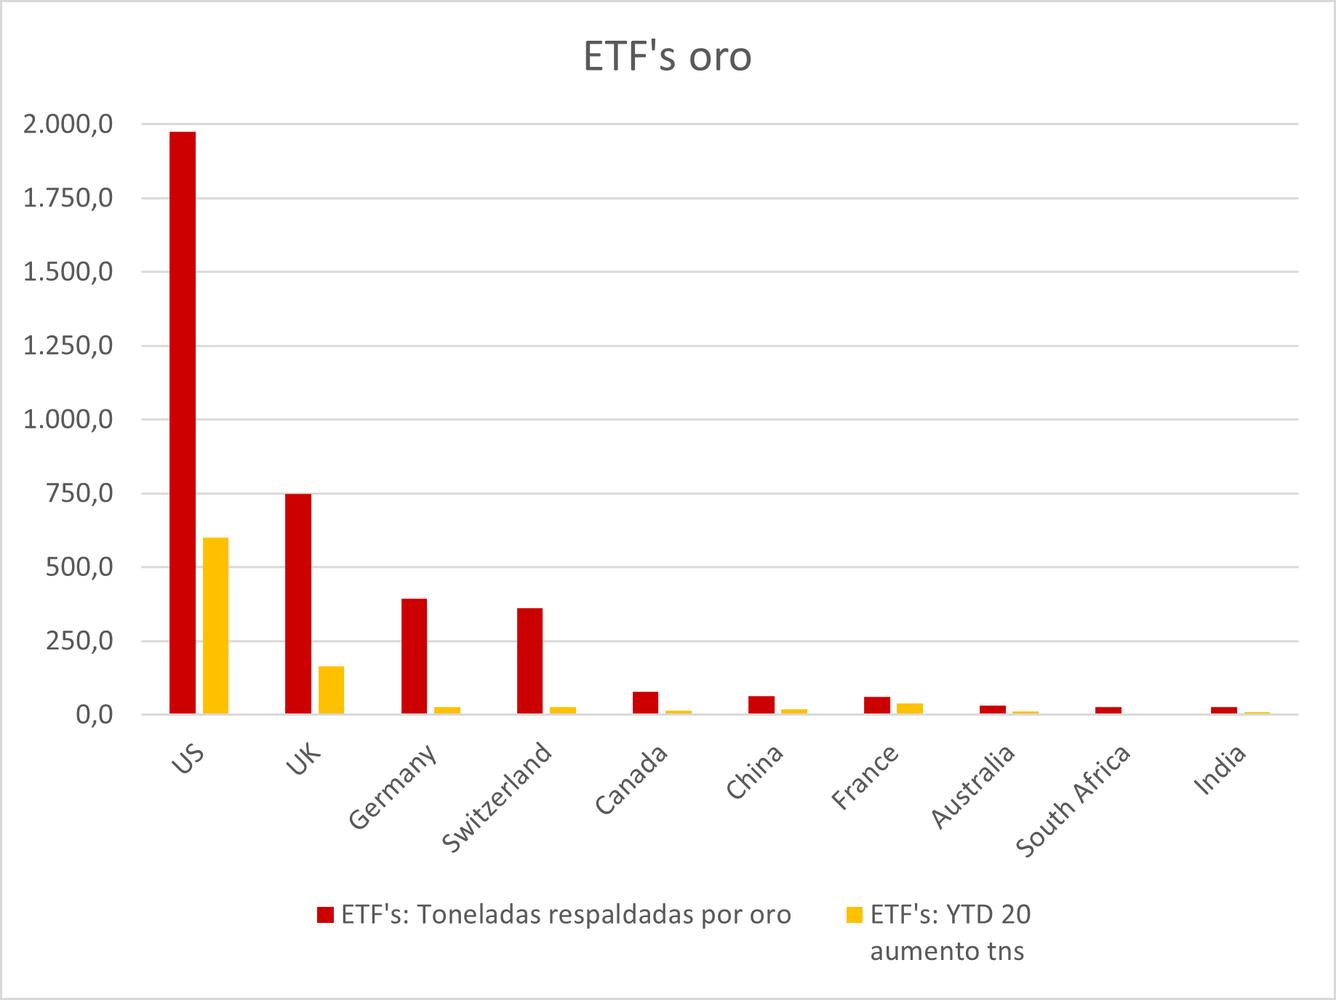 Oro: ETF's respaldados por Oro. Evolución